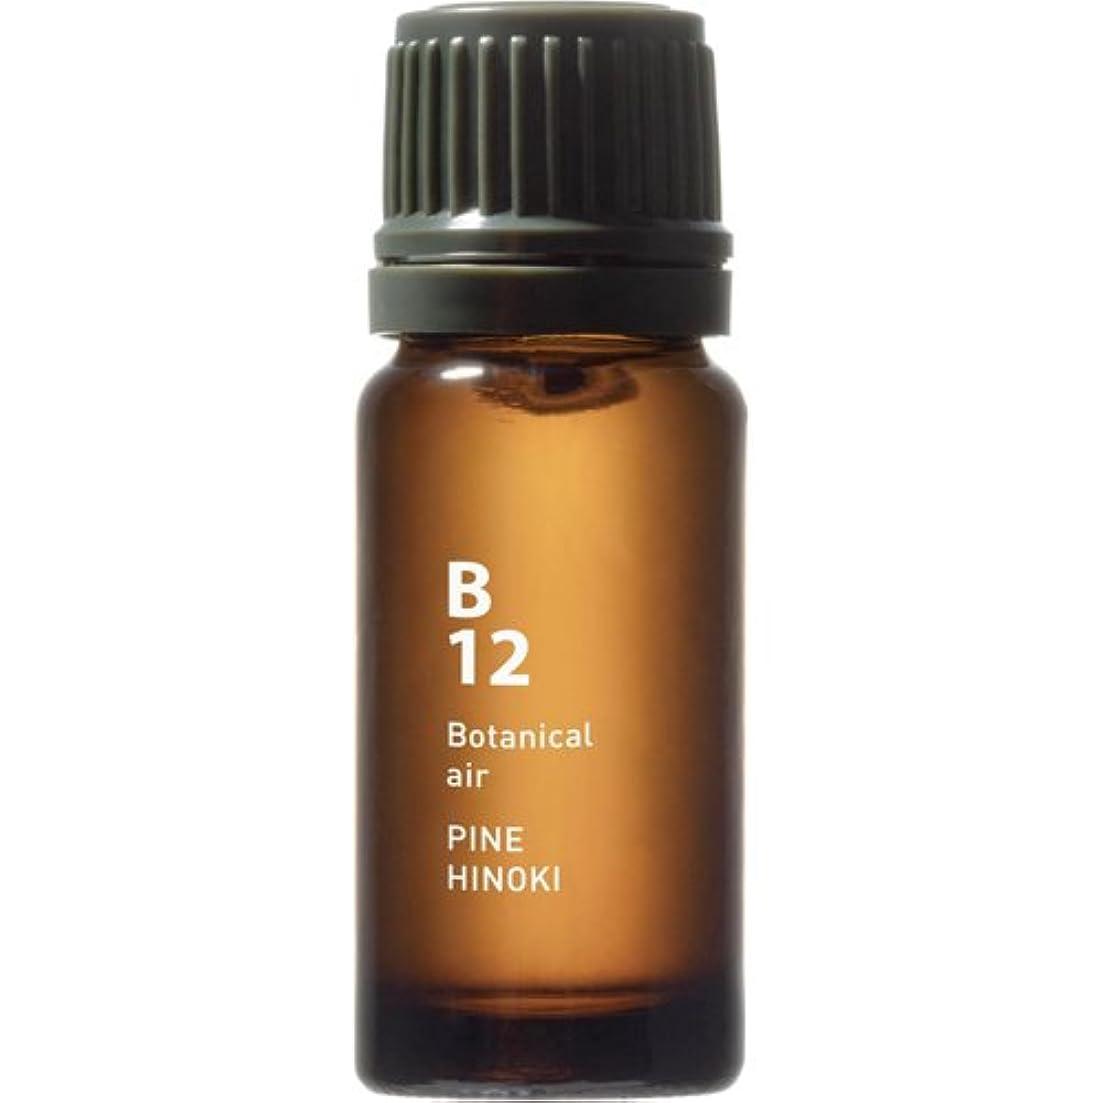 サイドボードモーテル凝視B12 パインヒノキ Botanical air(ボタニカルエアー) 10ml